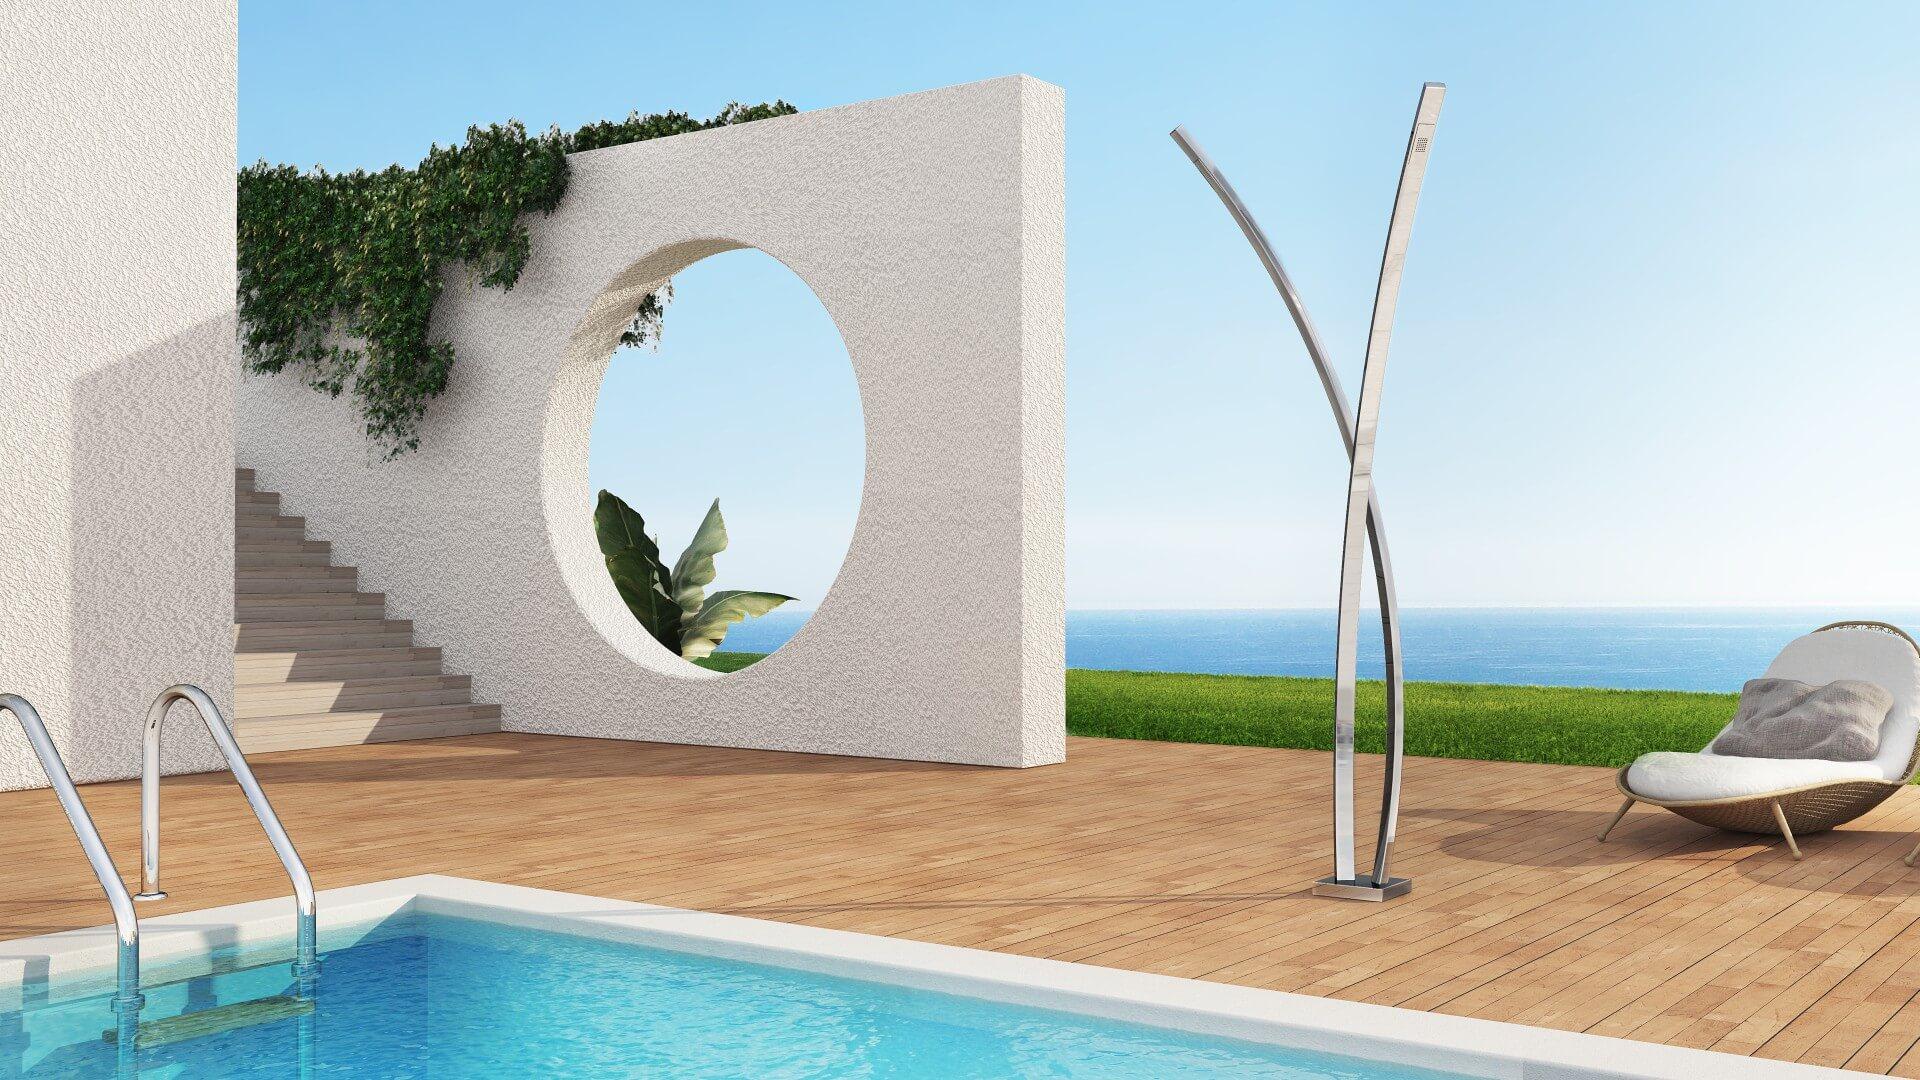 Picture Outdoor shower, pool, garden - Preludio Inoxstyle